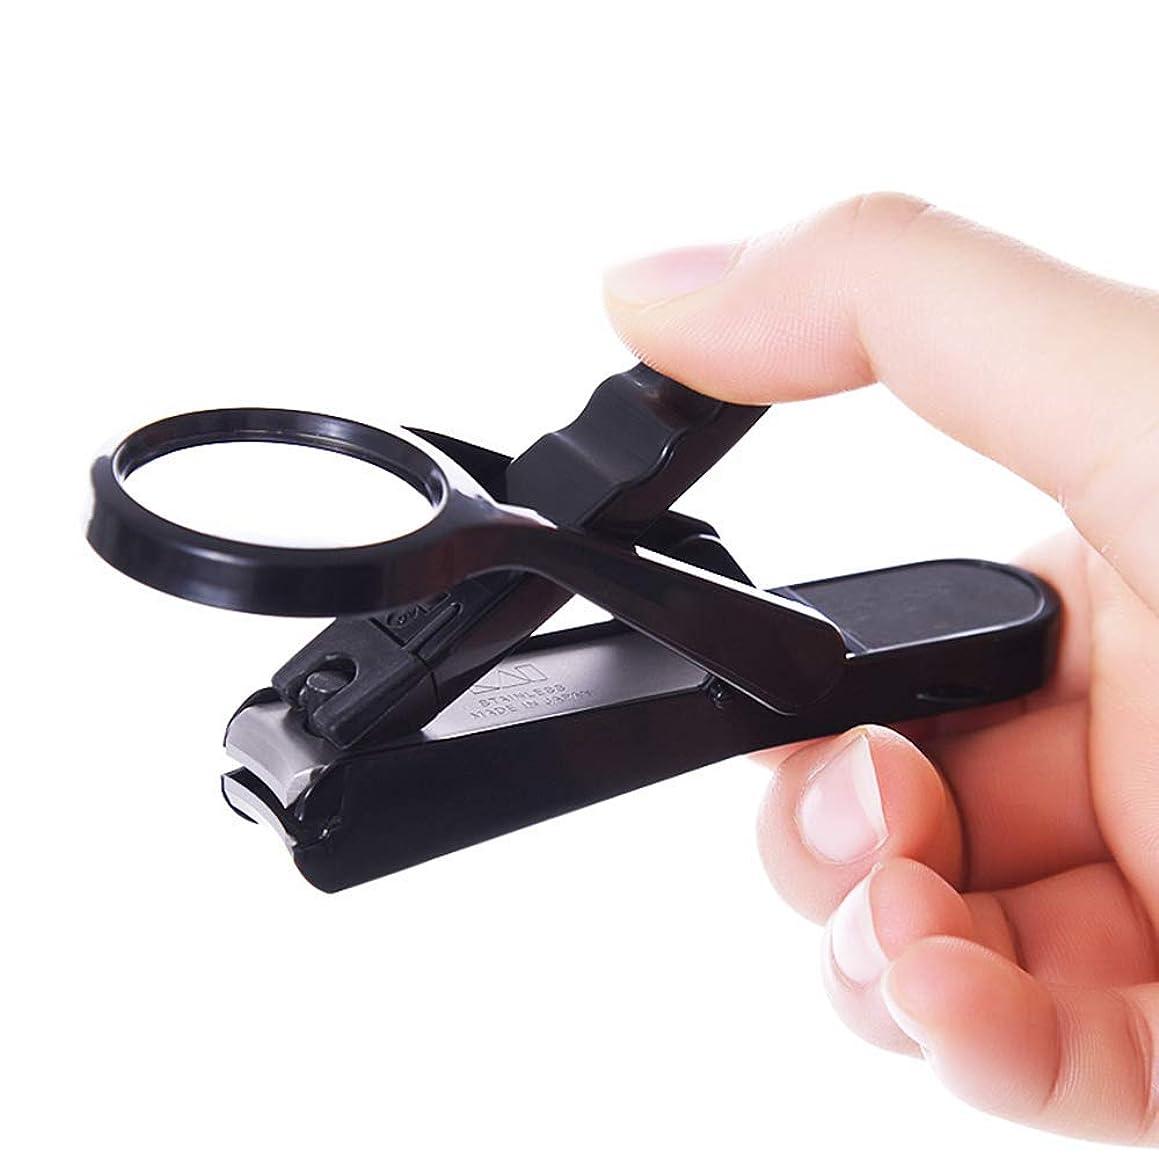 脚本家子供っぽい不変虫眼鏡ネイルハサミと足の爪のトリマーと高齢者と赤ちゃんの安全ネイルケアのためのネイルクリッパー